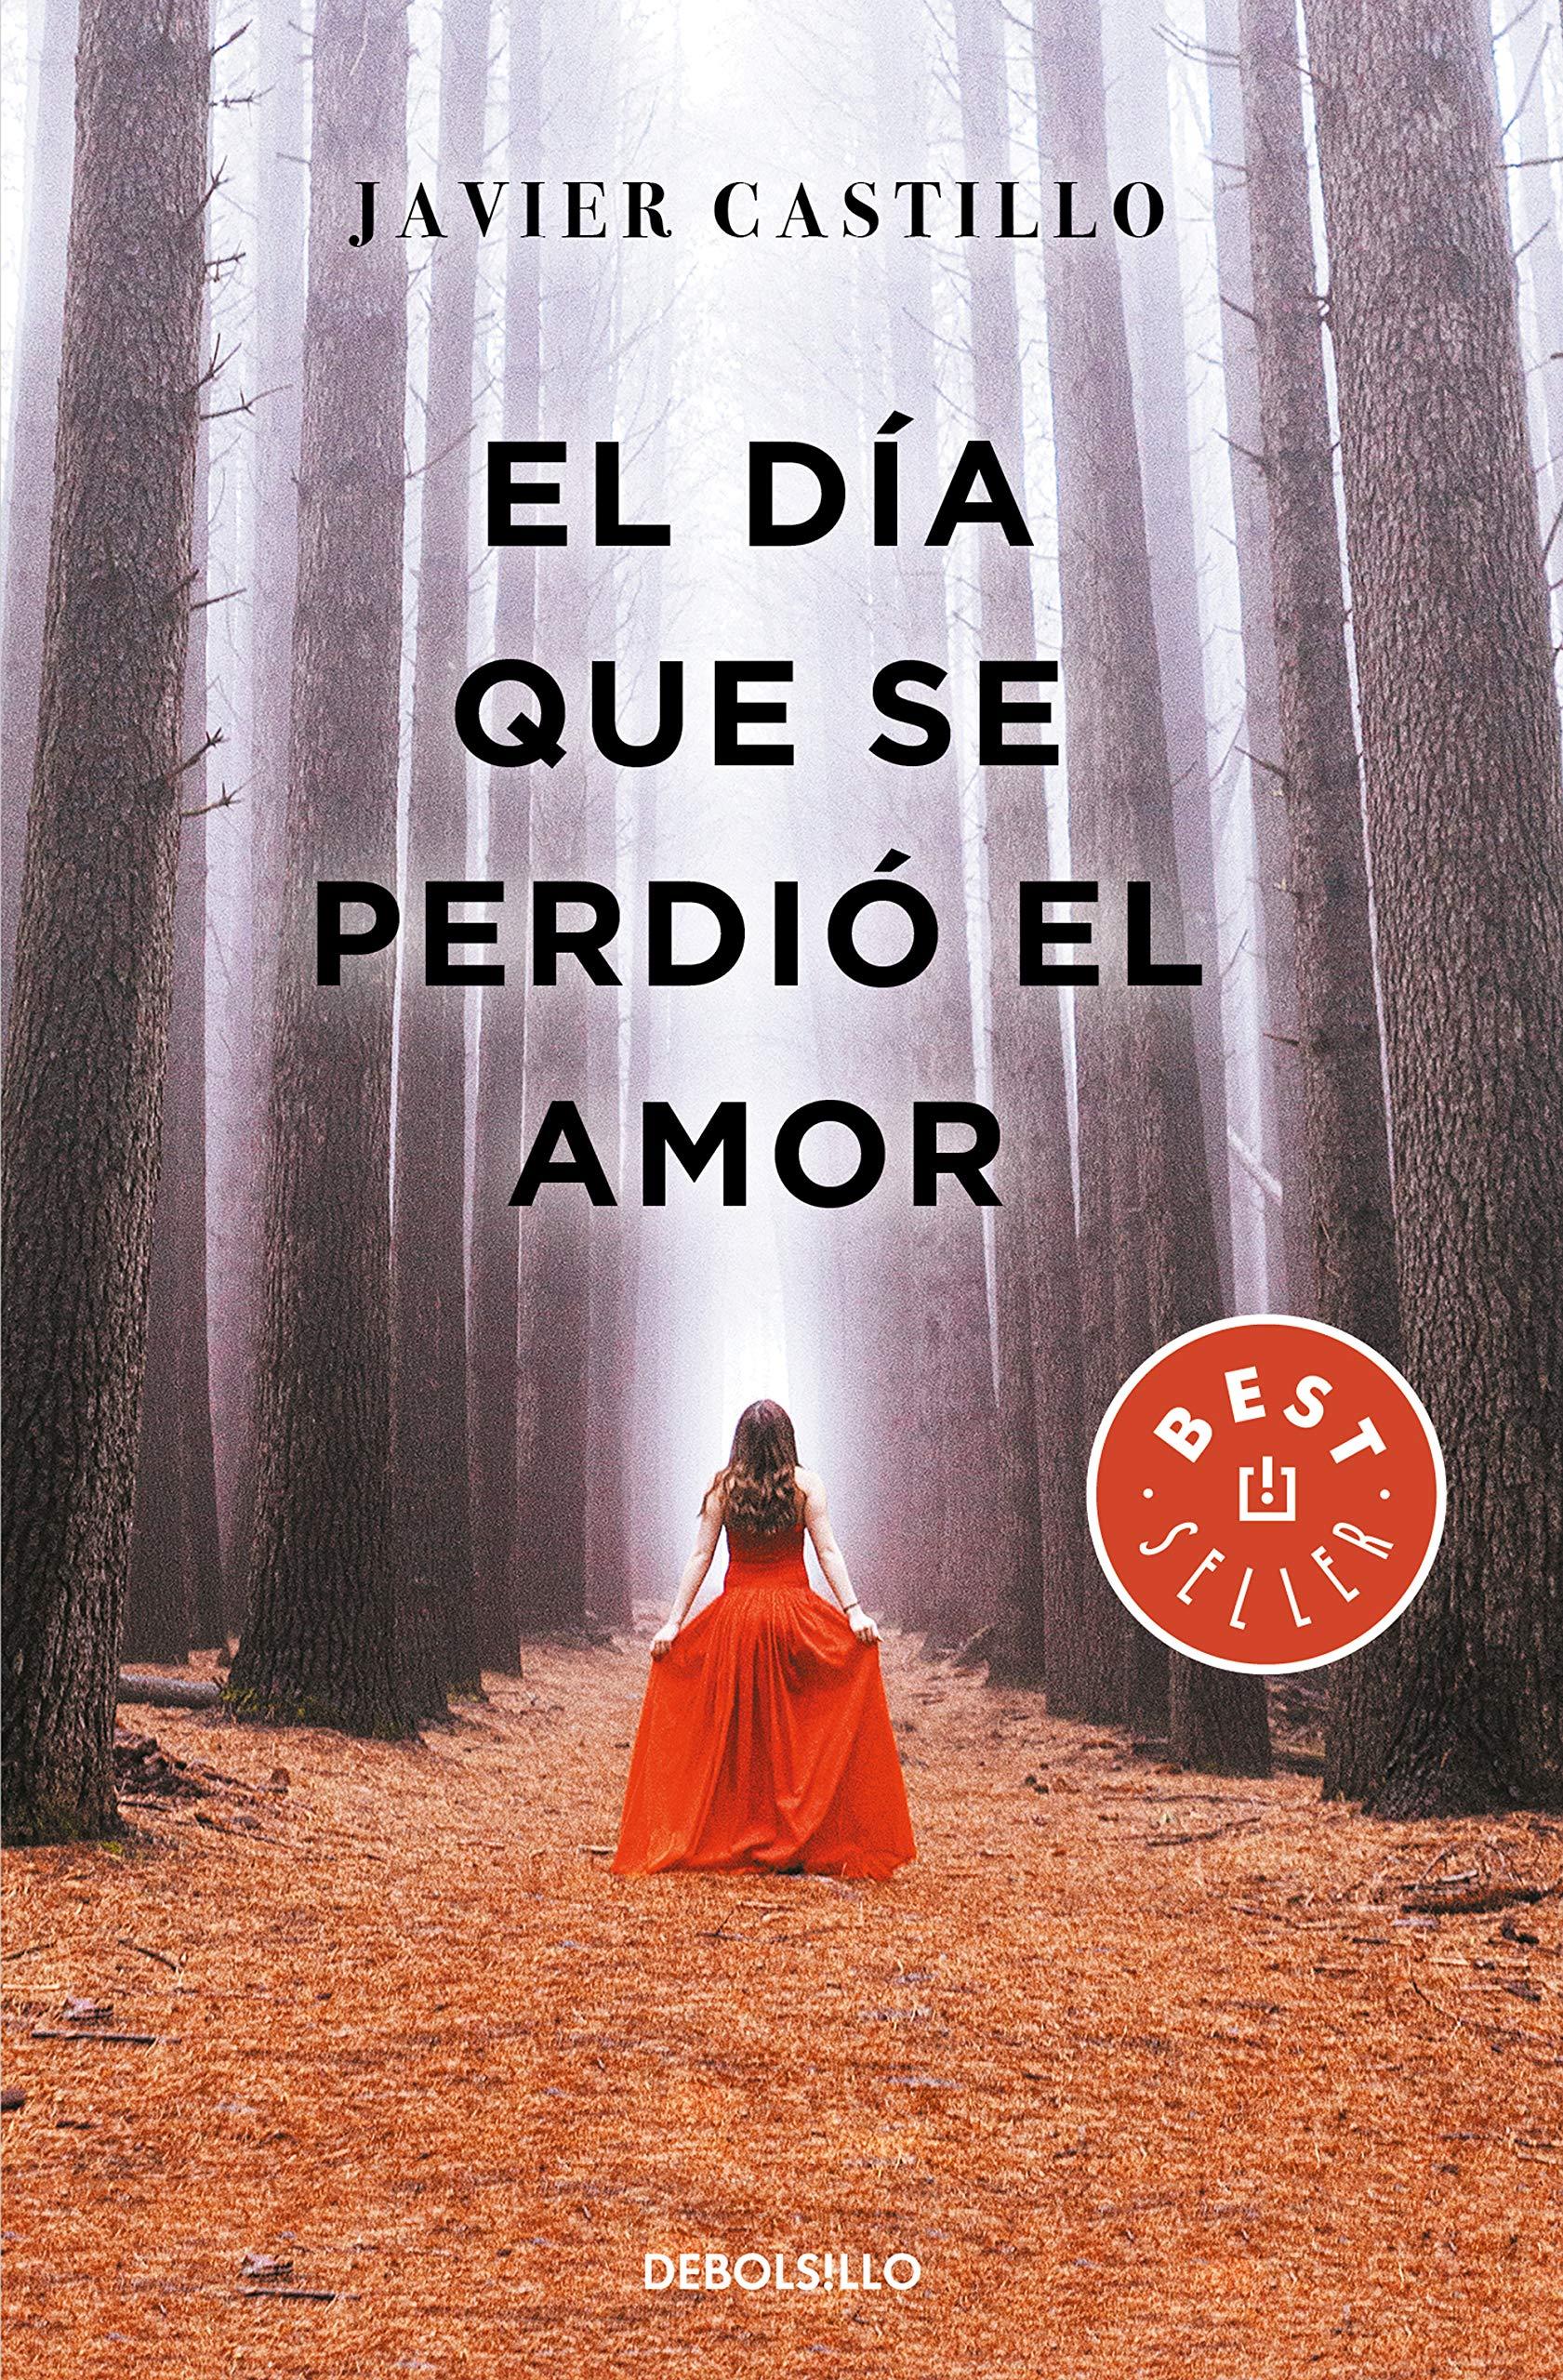 El día que se perdió el amor (BEST SELLER) por Javier Castillo